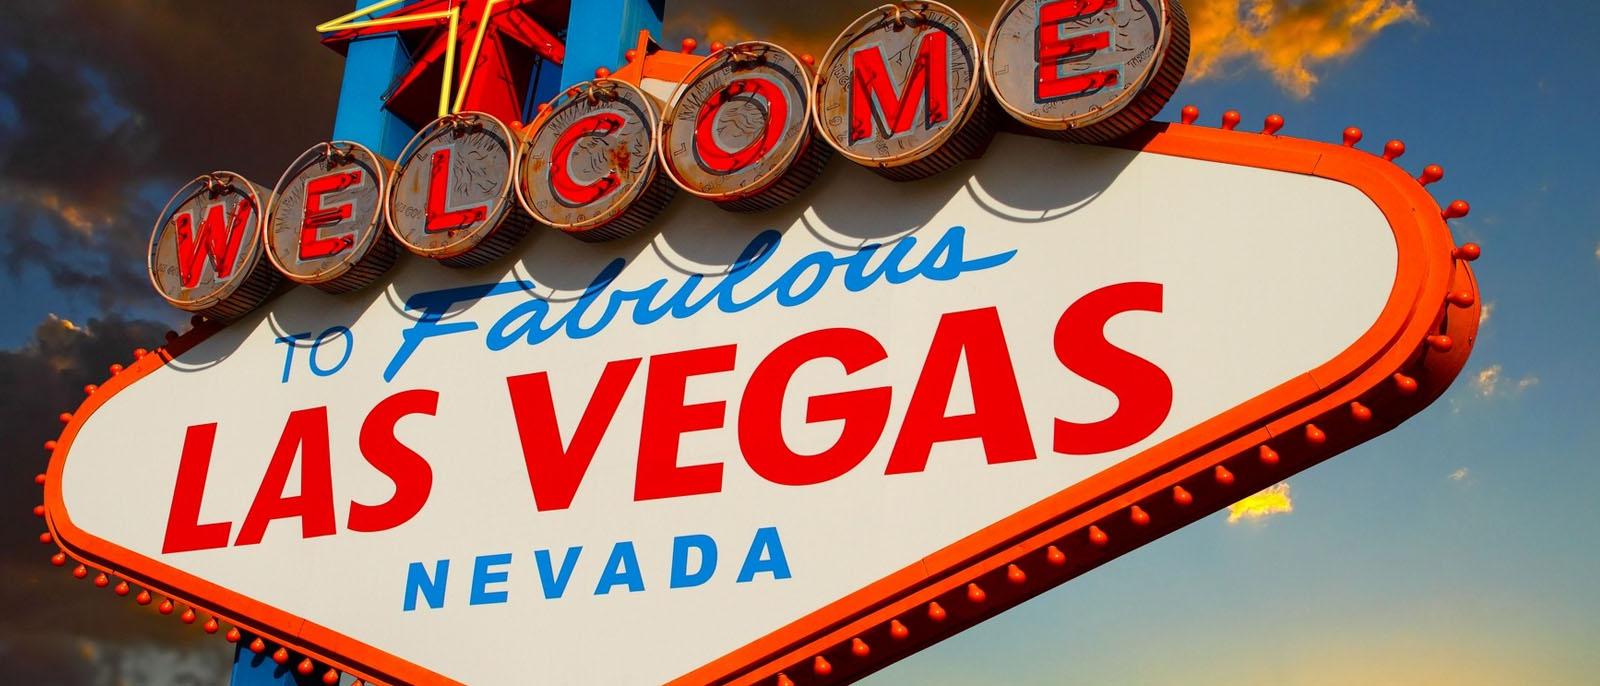 Las Vegas Sign - R&D Events